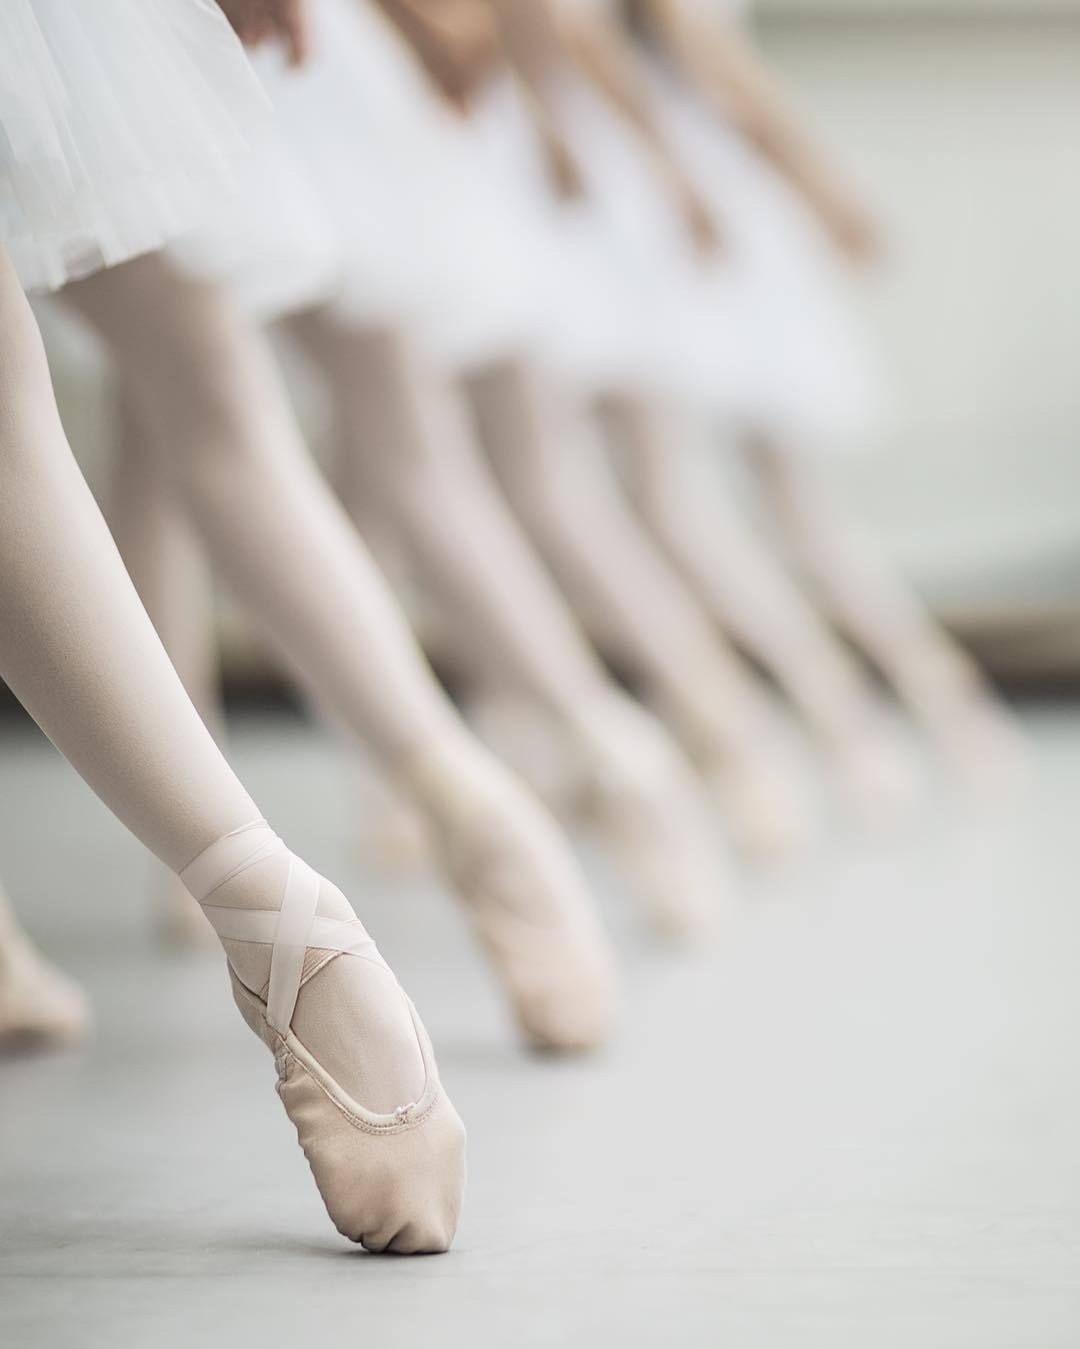 クラシックバレエを始めるメリットとは?子供から大人まで楽しめます!